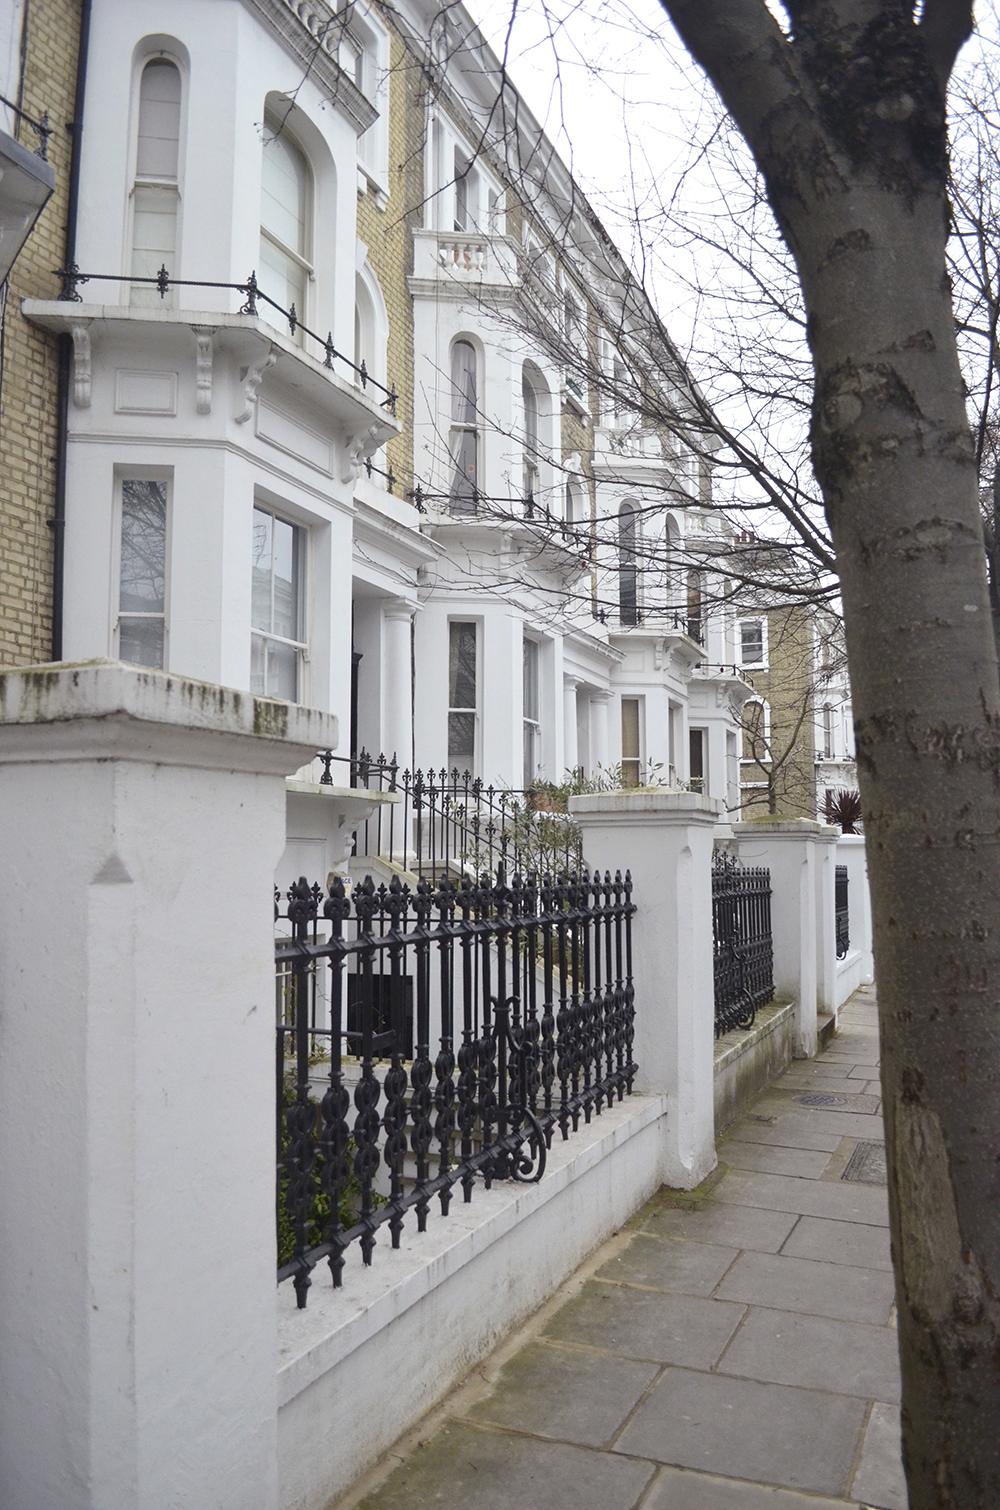 Una tipica casa londinese nel cuore della citt il mio for Case stile inglese interni